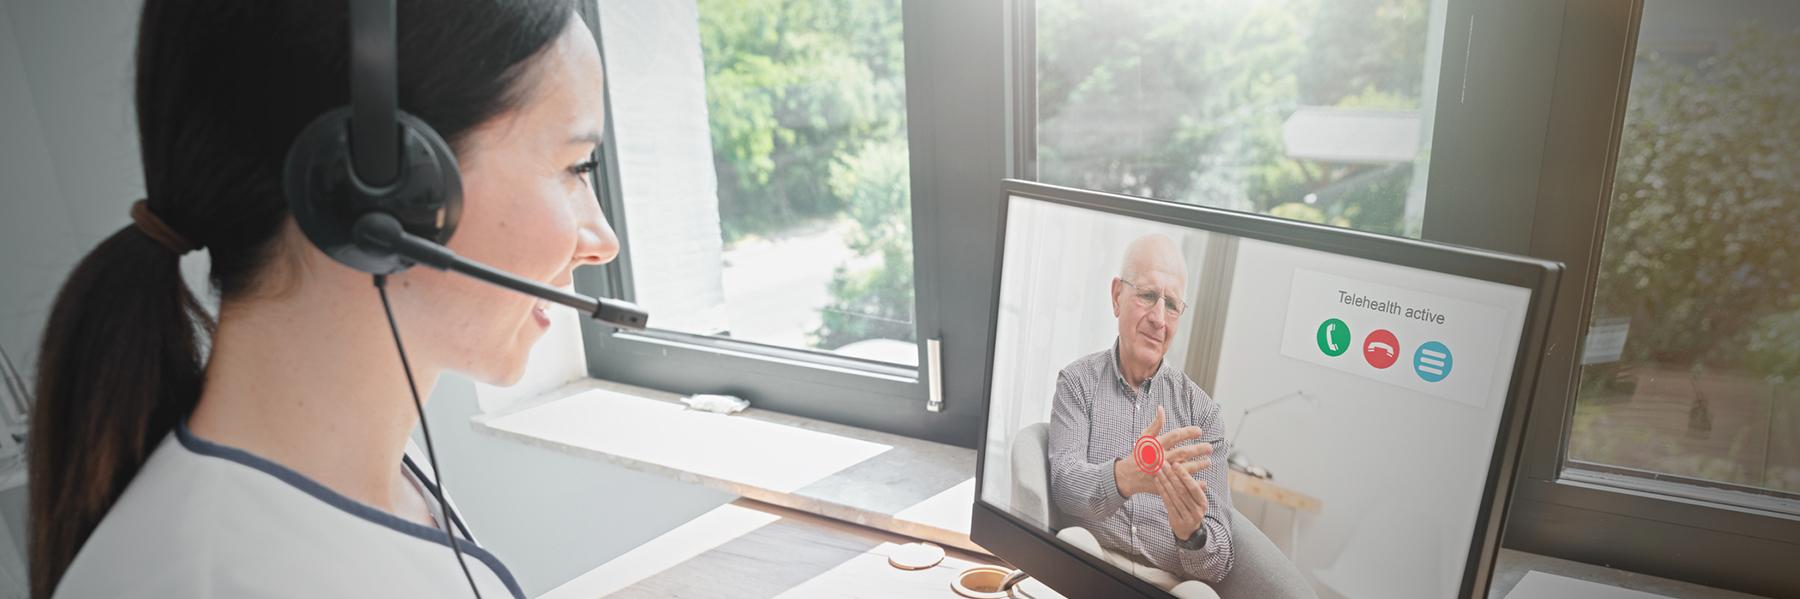 Telemedizin: Ärztin berät Patient über das Internet